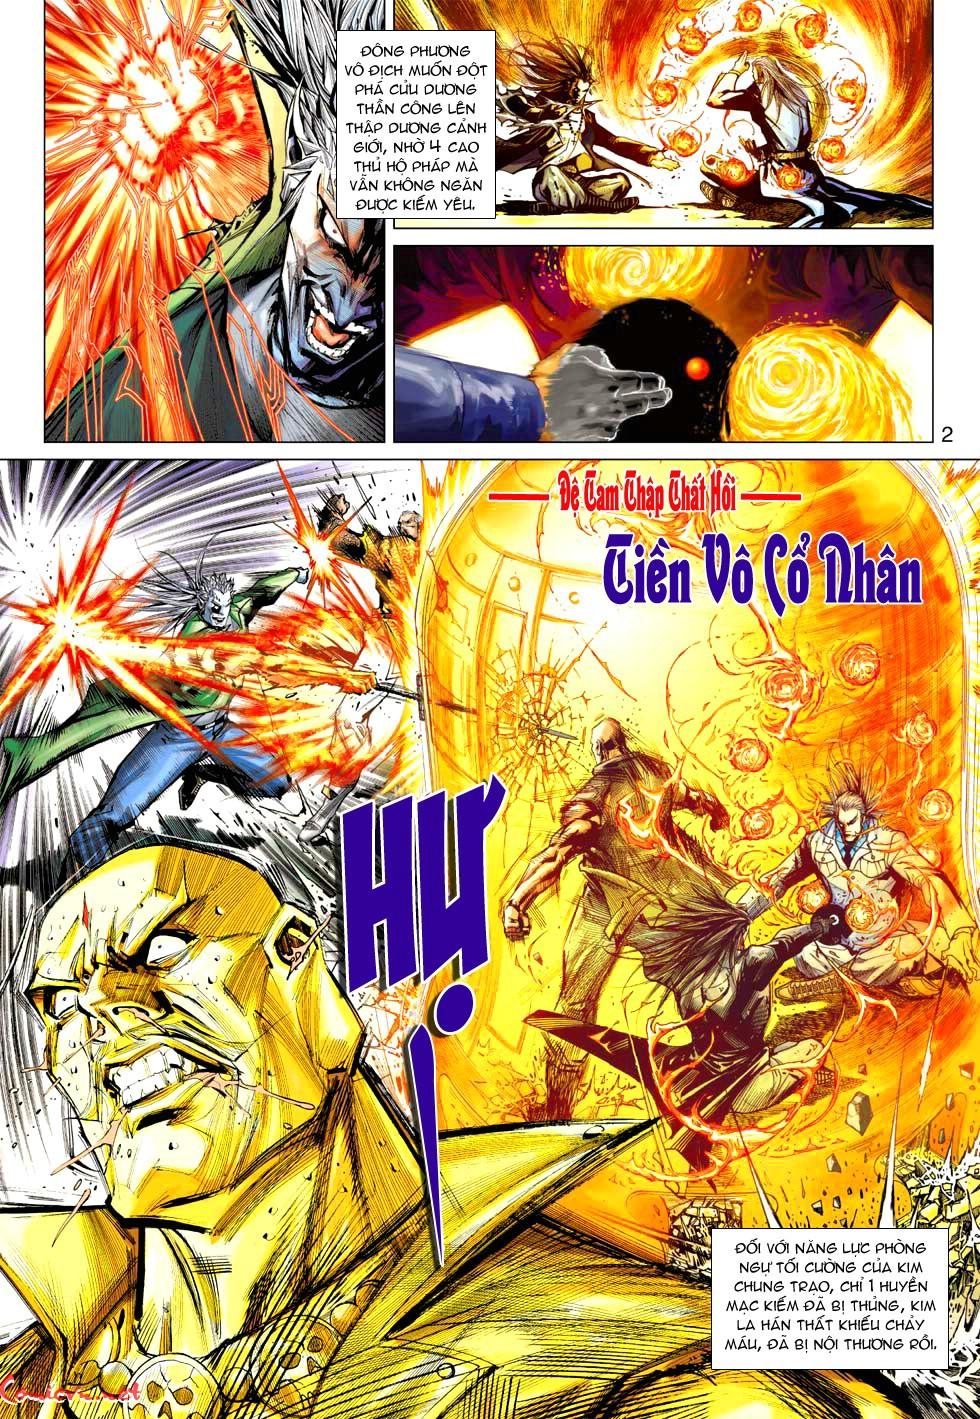 Vương Phong Lôi 1 chap 37 - Trang 2